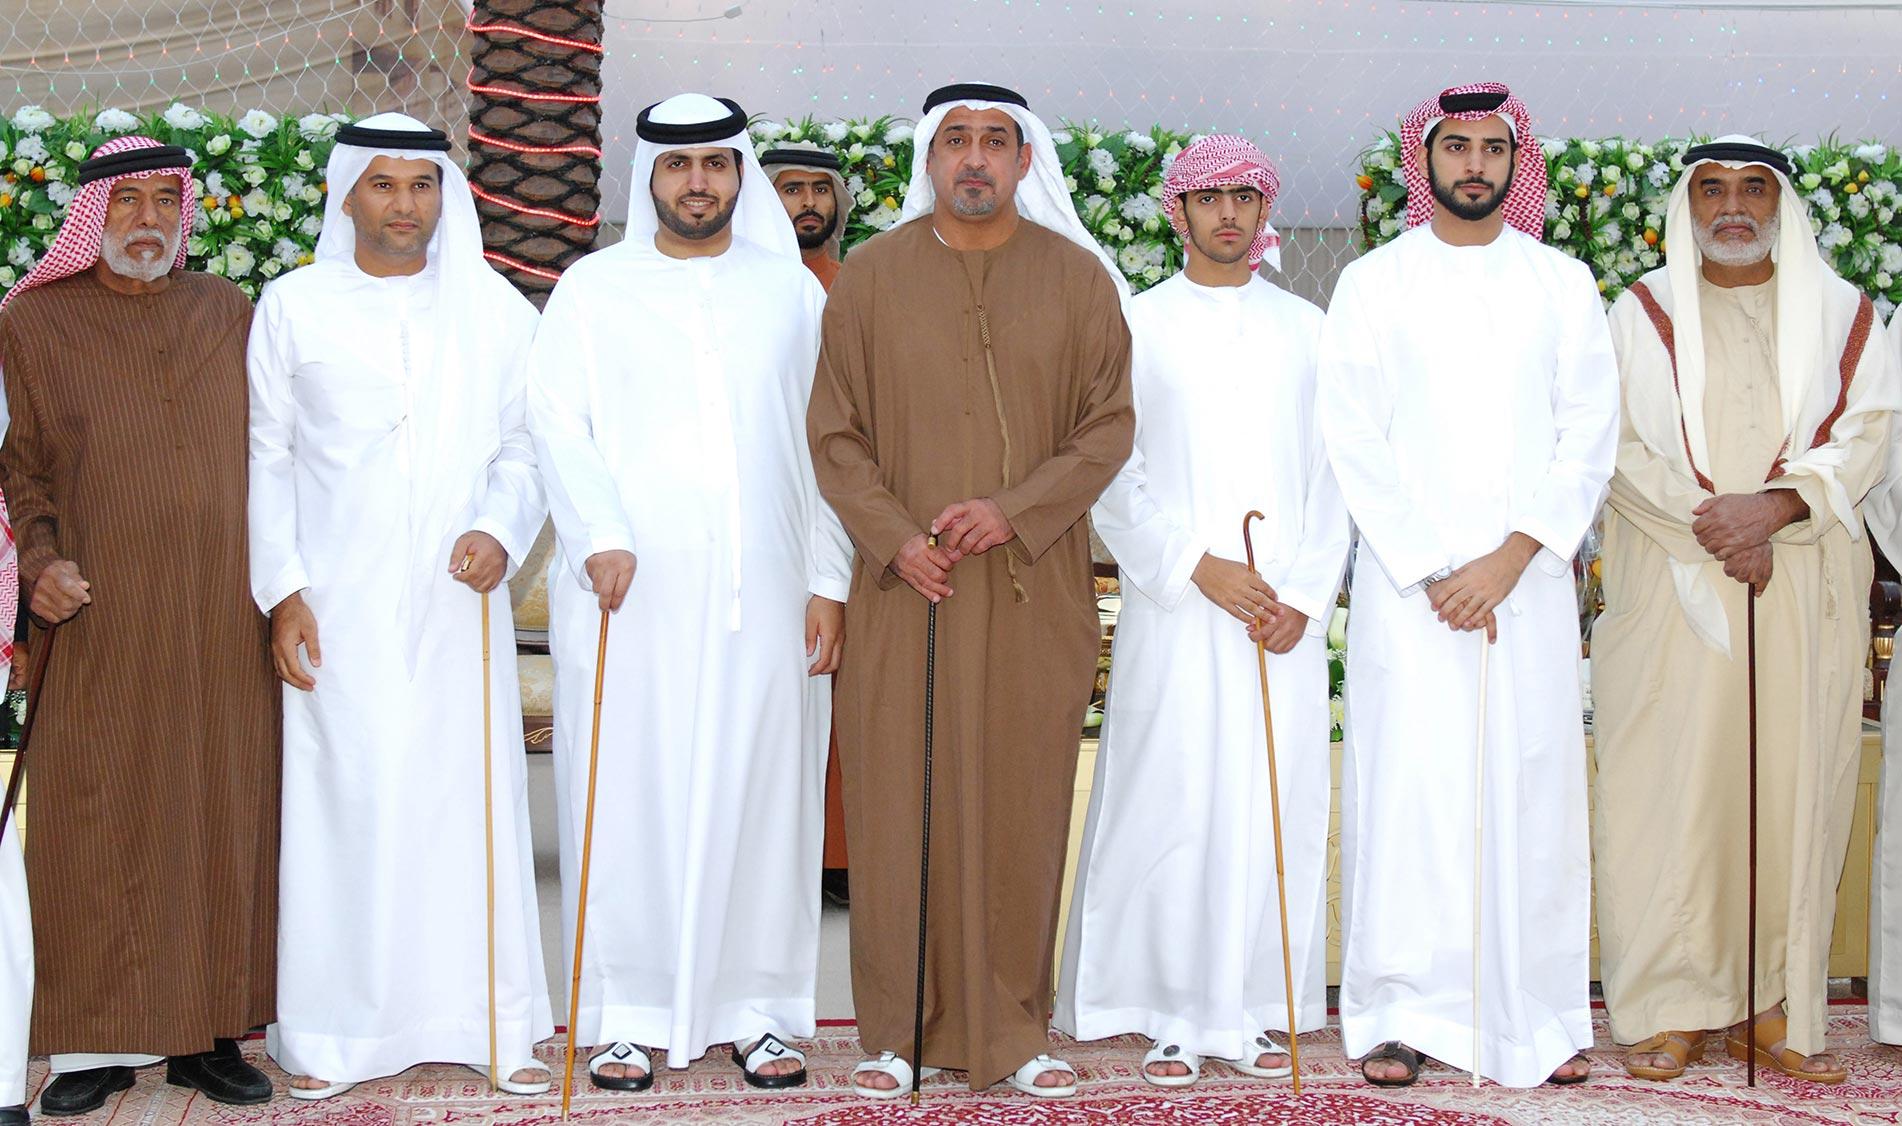 سلطان بن خليفة يشهد حفل زفاف مواطن في مدينة العين